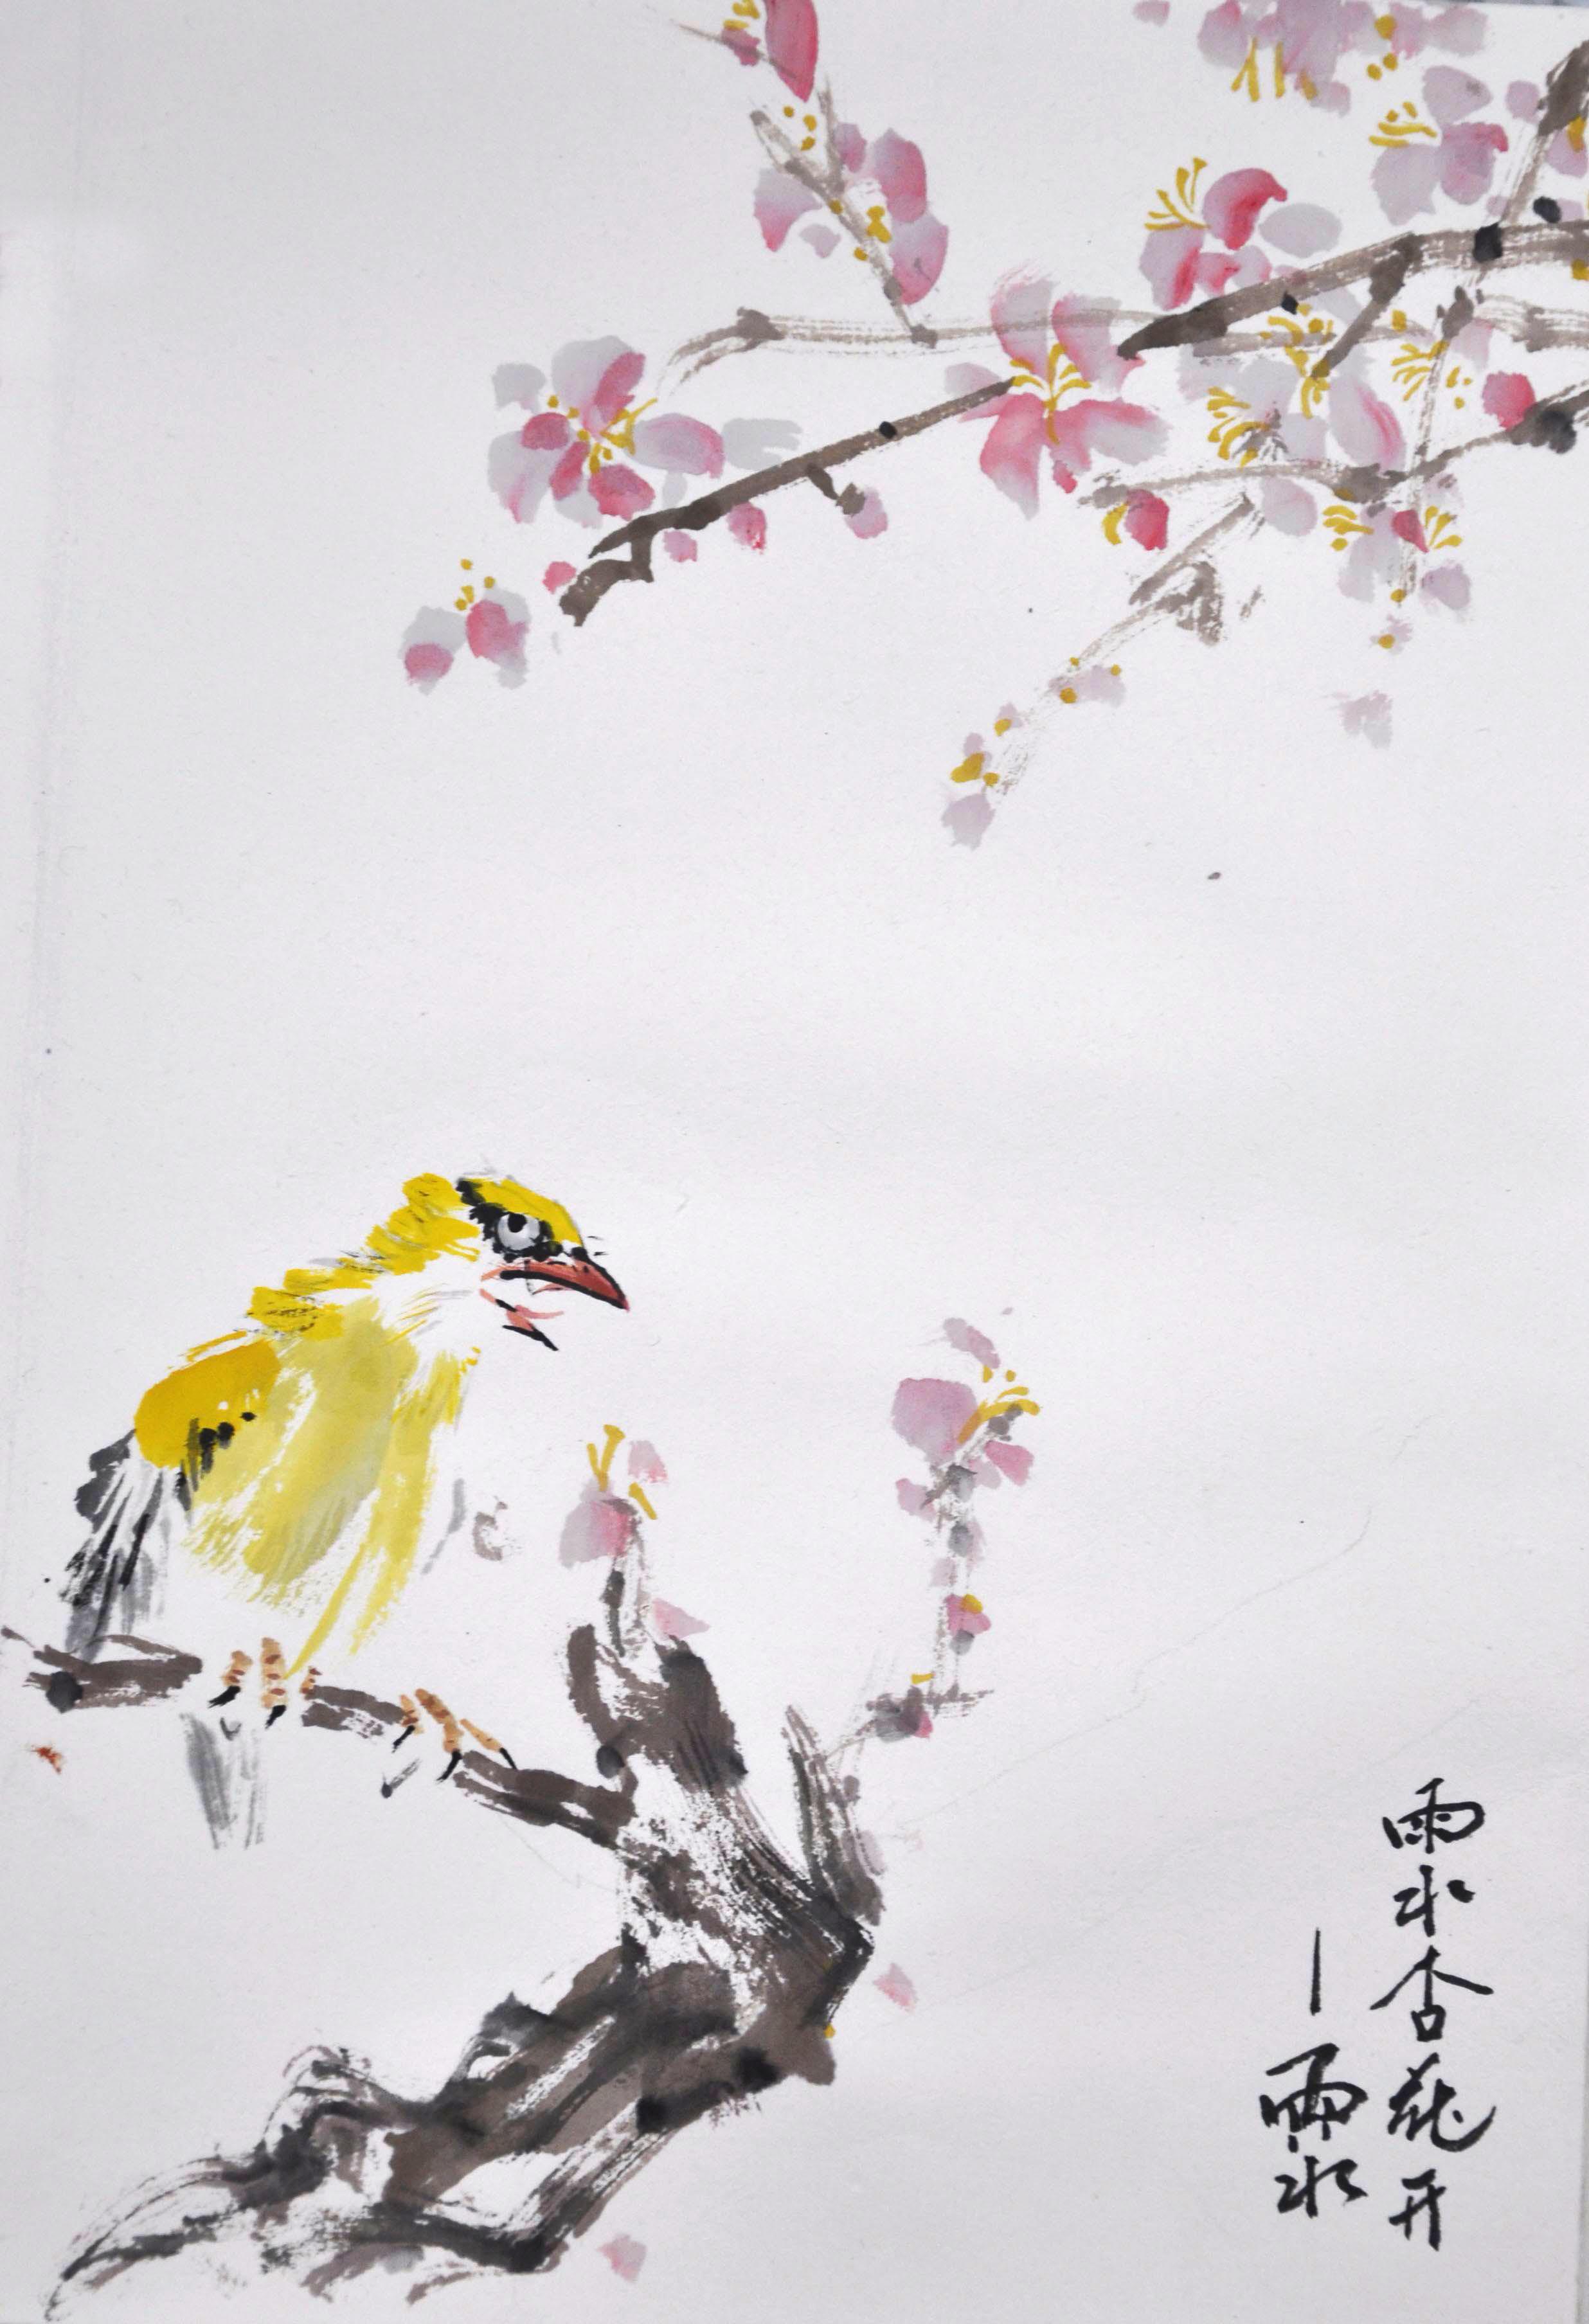 大学生村官孙志勇创作二十四节气水墨画图片